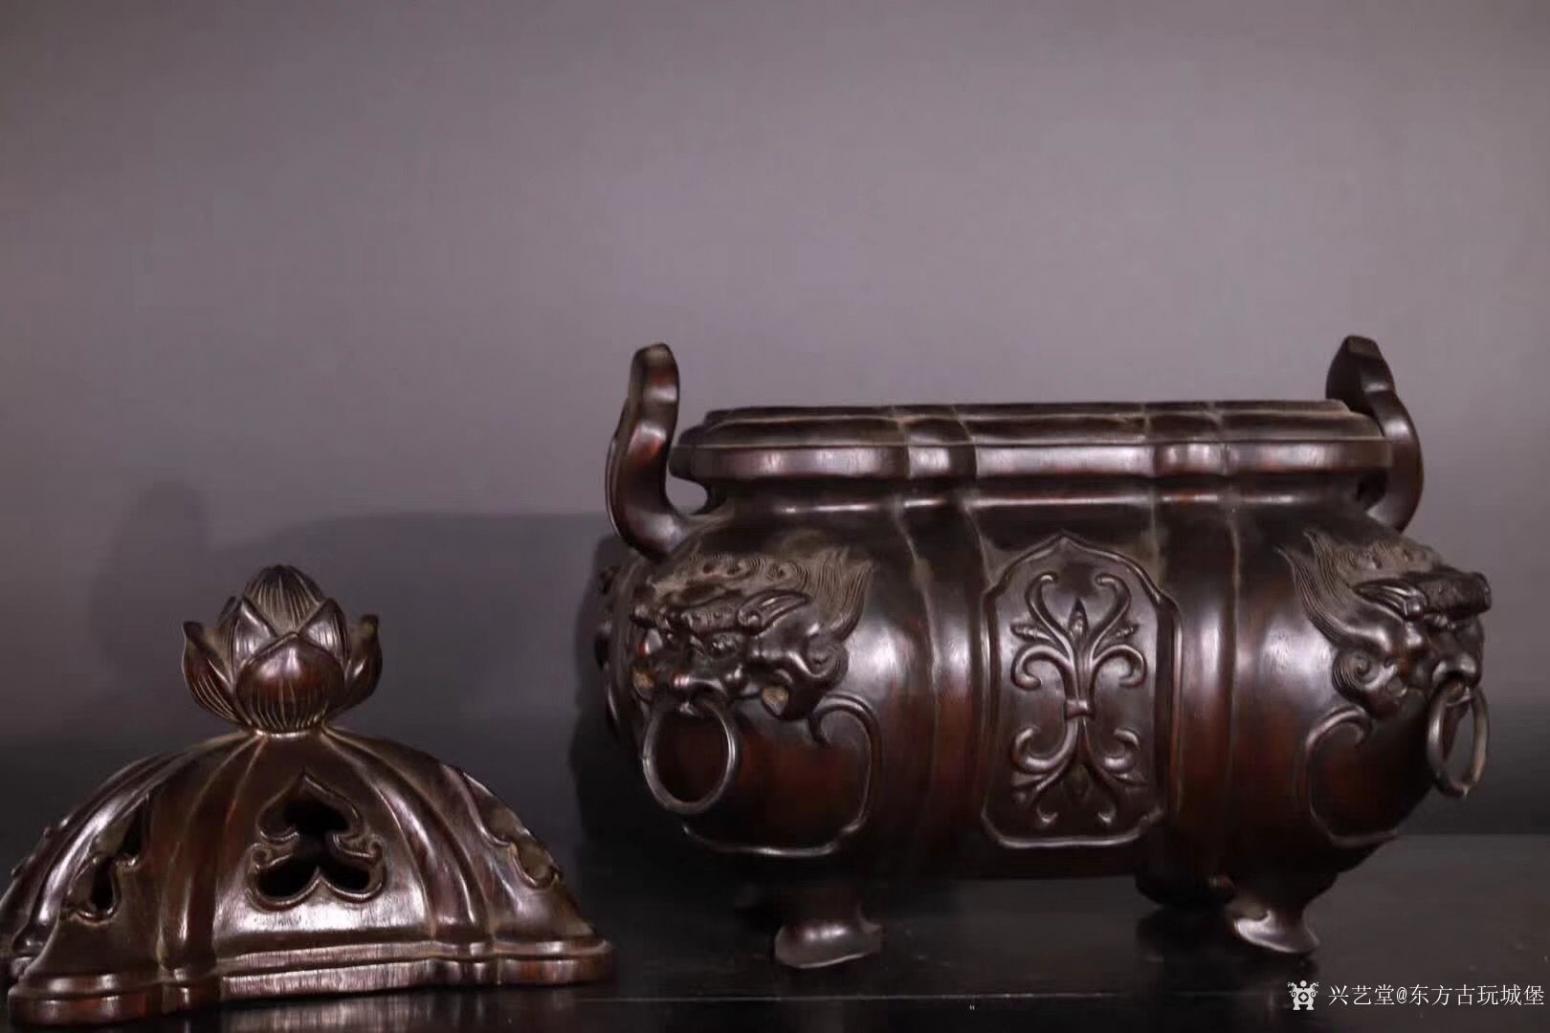 东方古玩城堡雕刻作品《紫檀香薰炉》【图4】